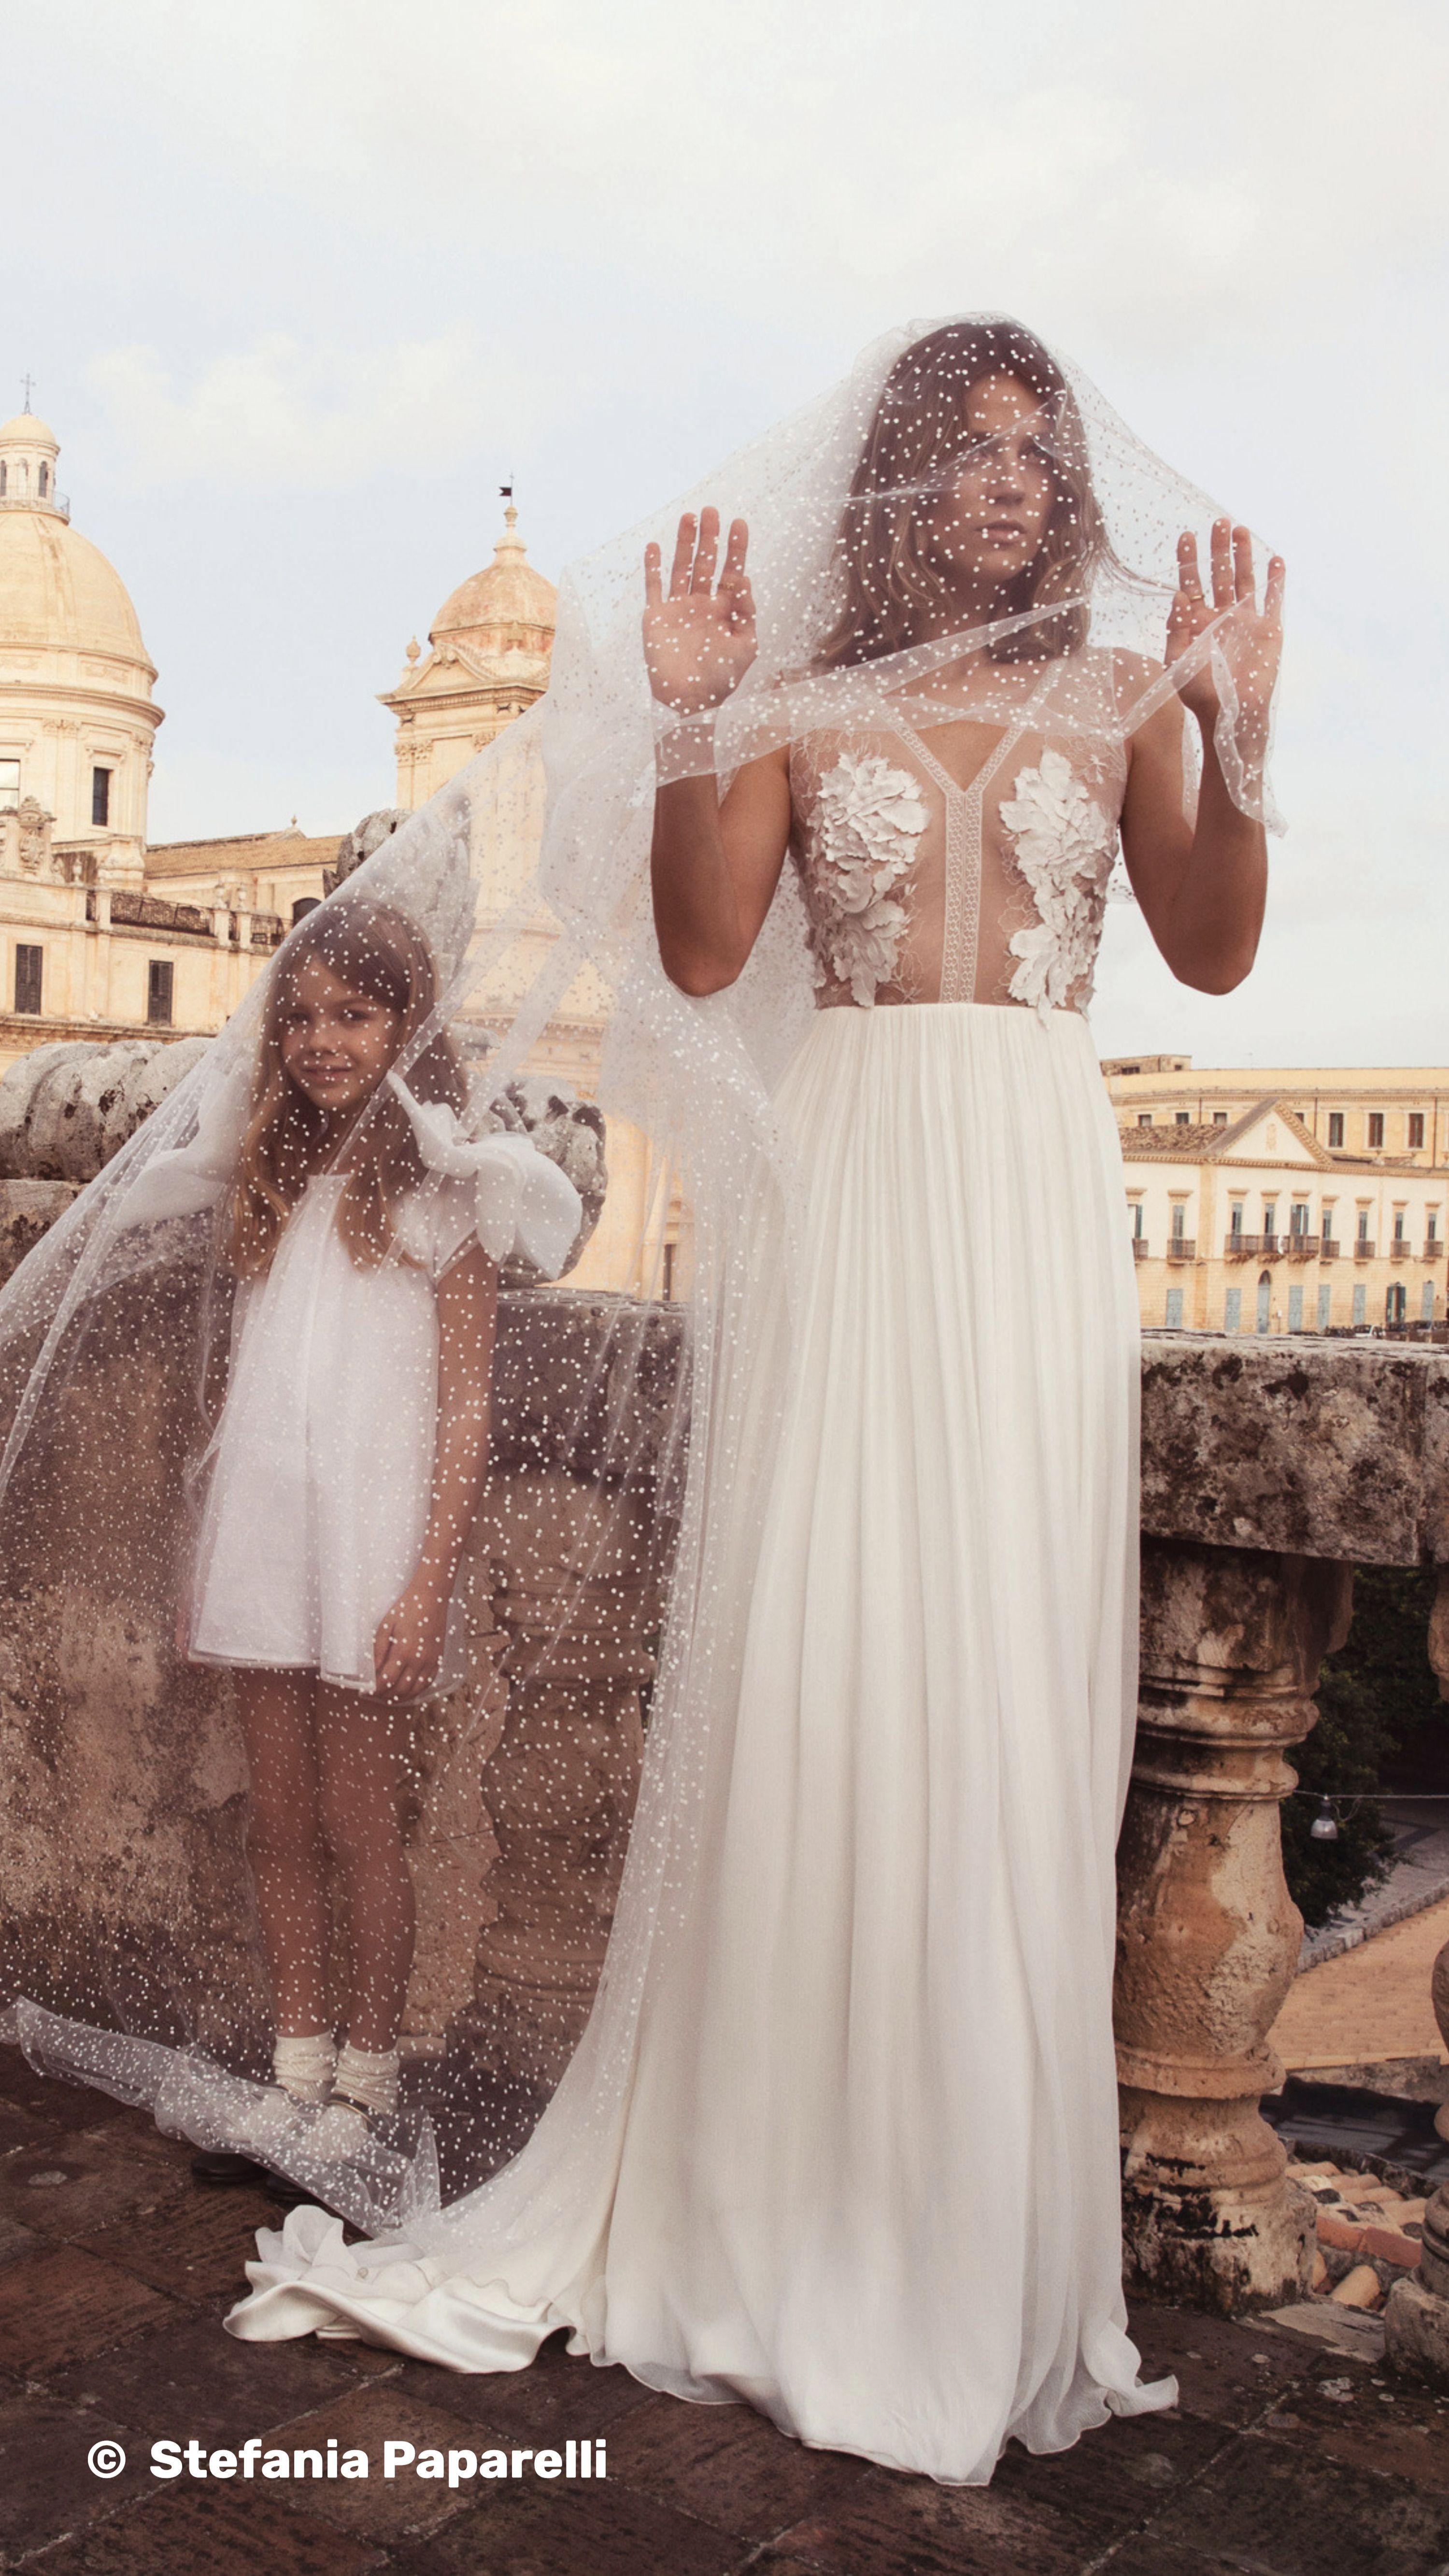 kleider hochzeit bunt 11 Bräute – 11 Stile: Die schönsten